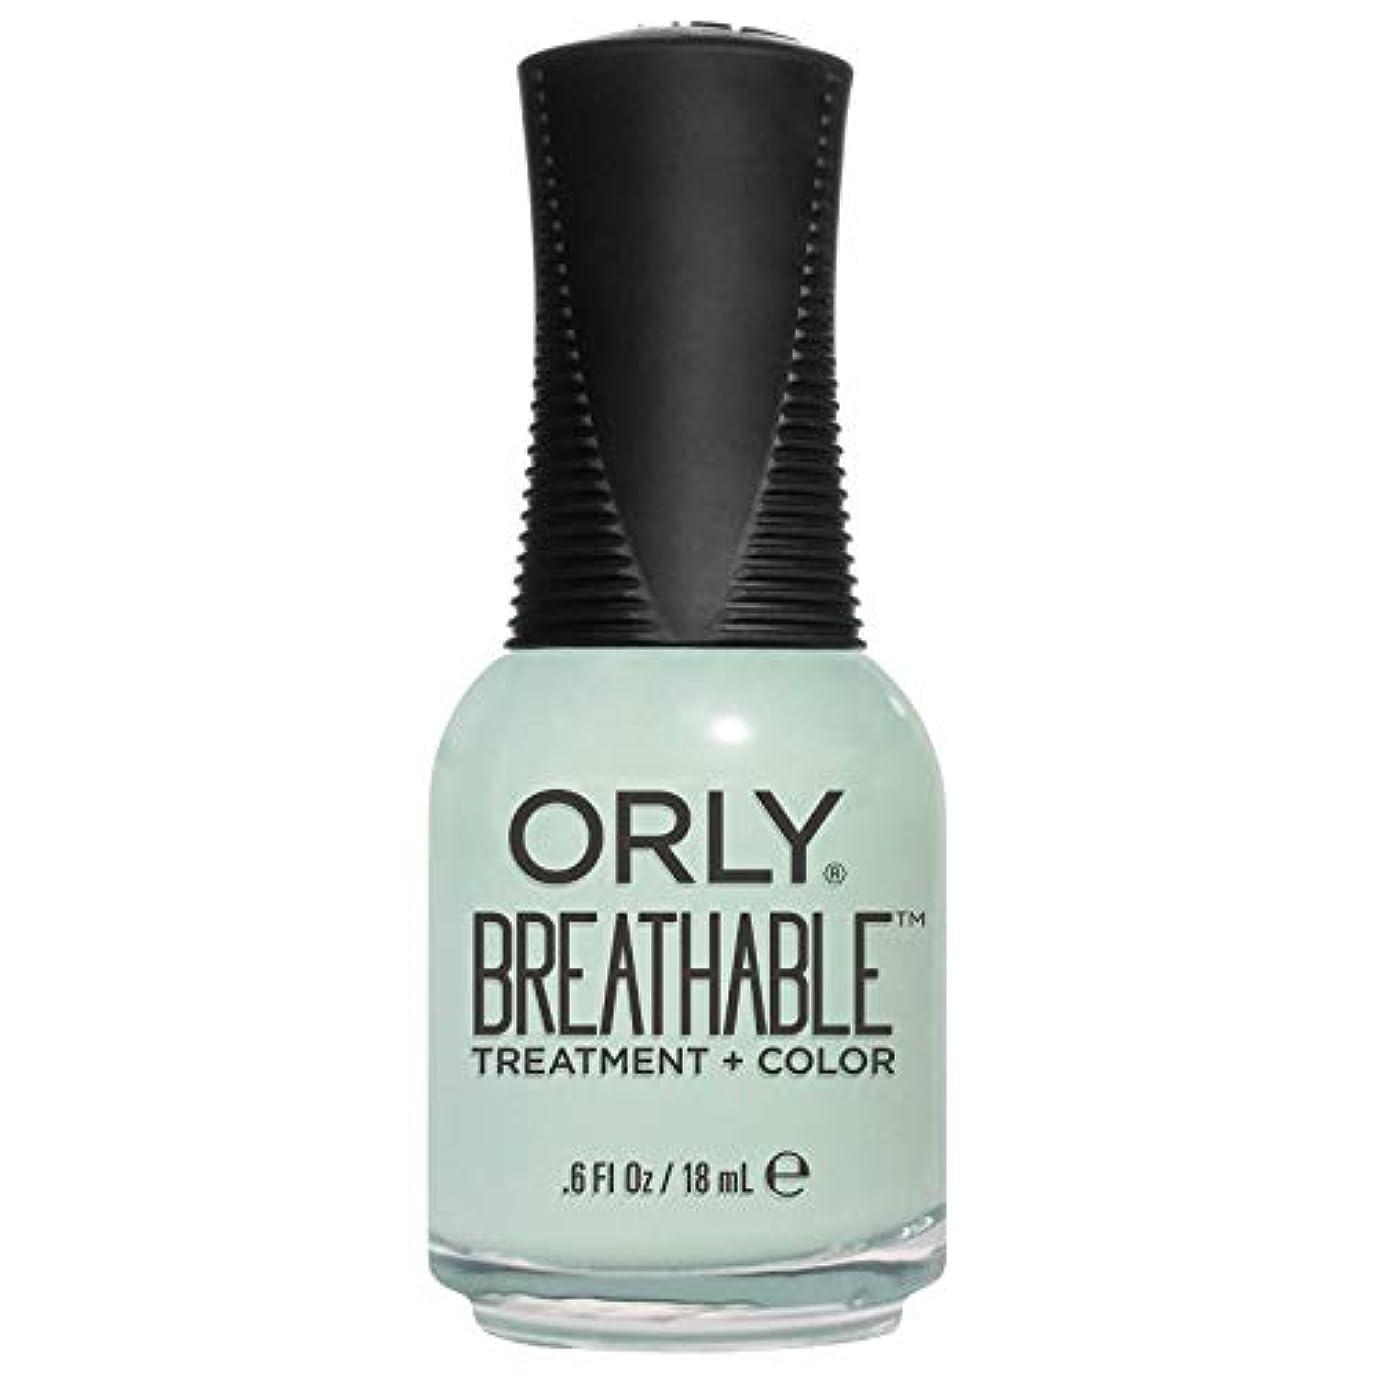 初心者鰐チャットOrly Breathable Treatment + Color Nail Lacquer - Fresh Start - 0.6oz/18ml